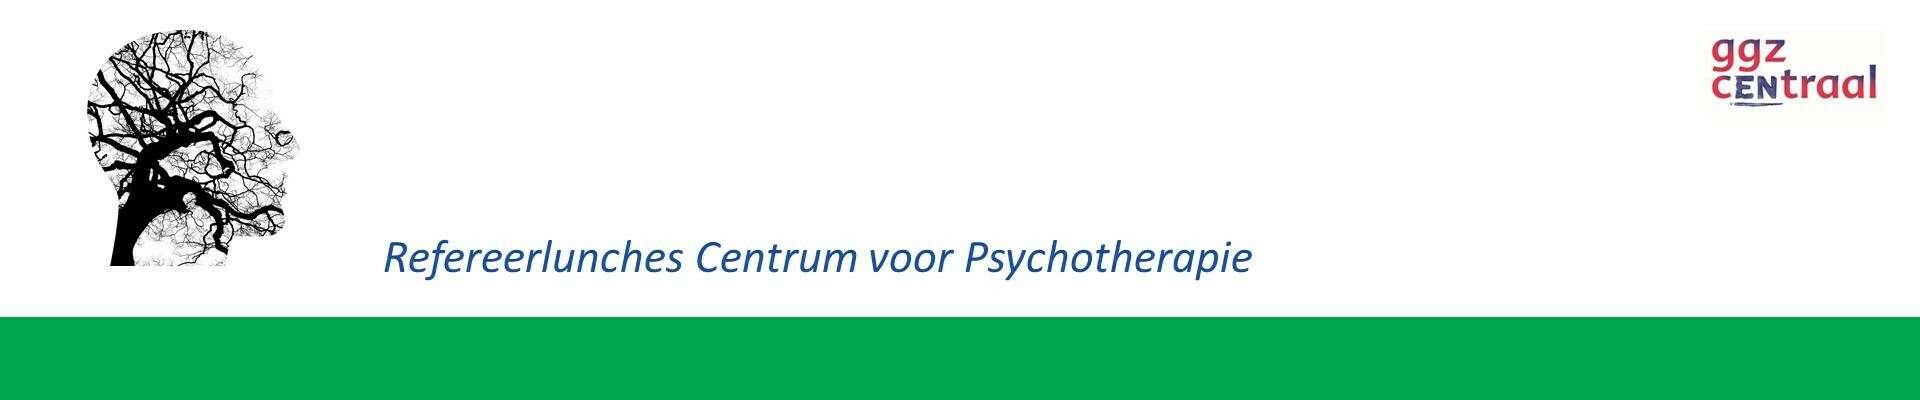 Refereerlunch Centrum voor Psychotherapie 11 februari